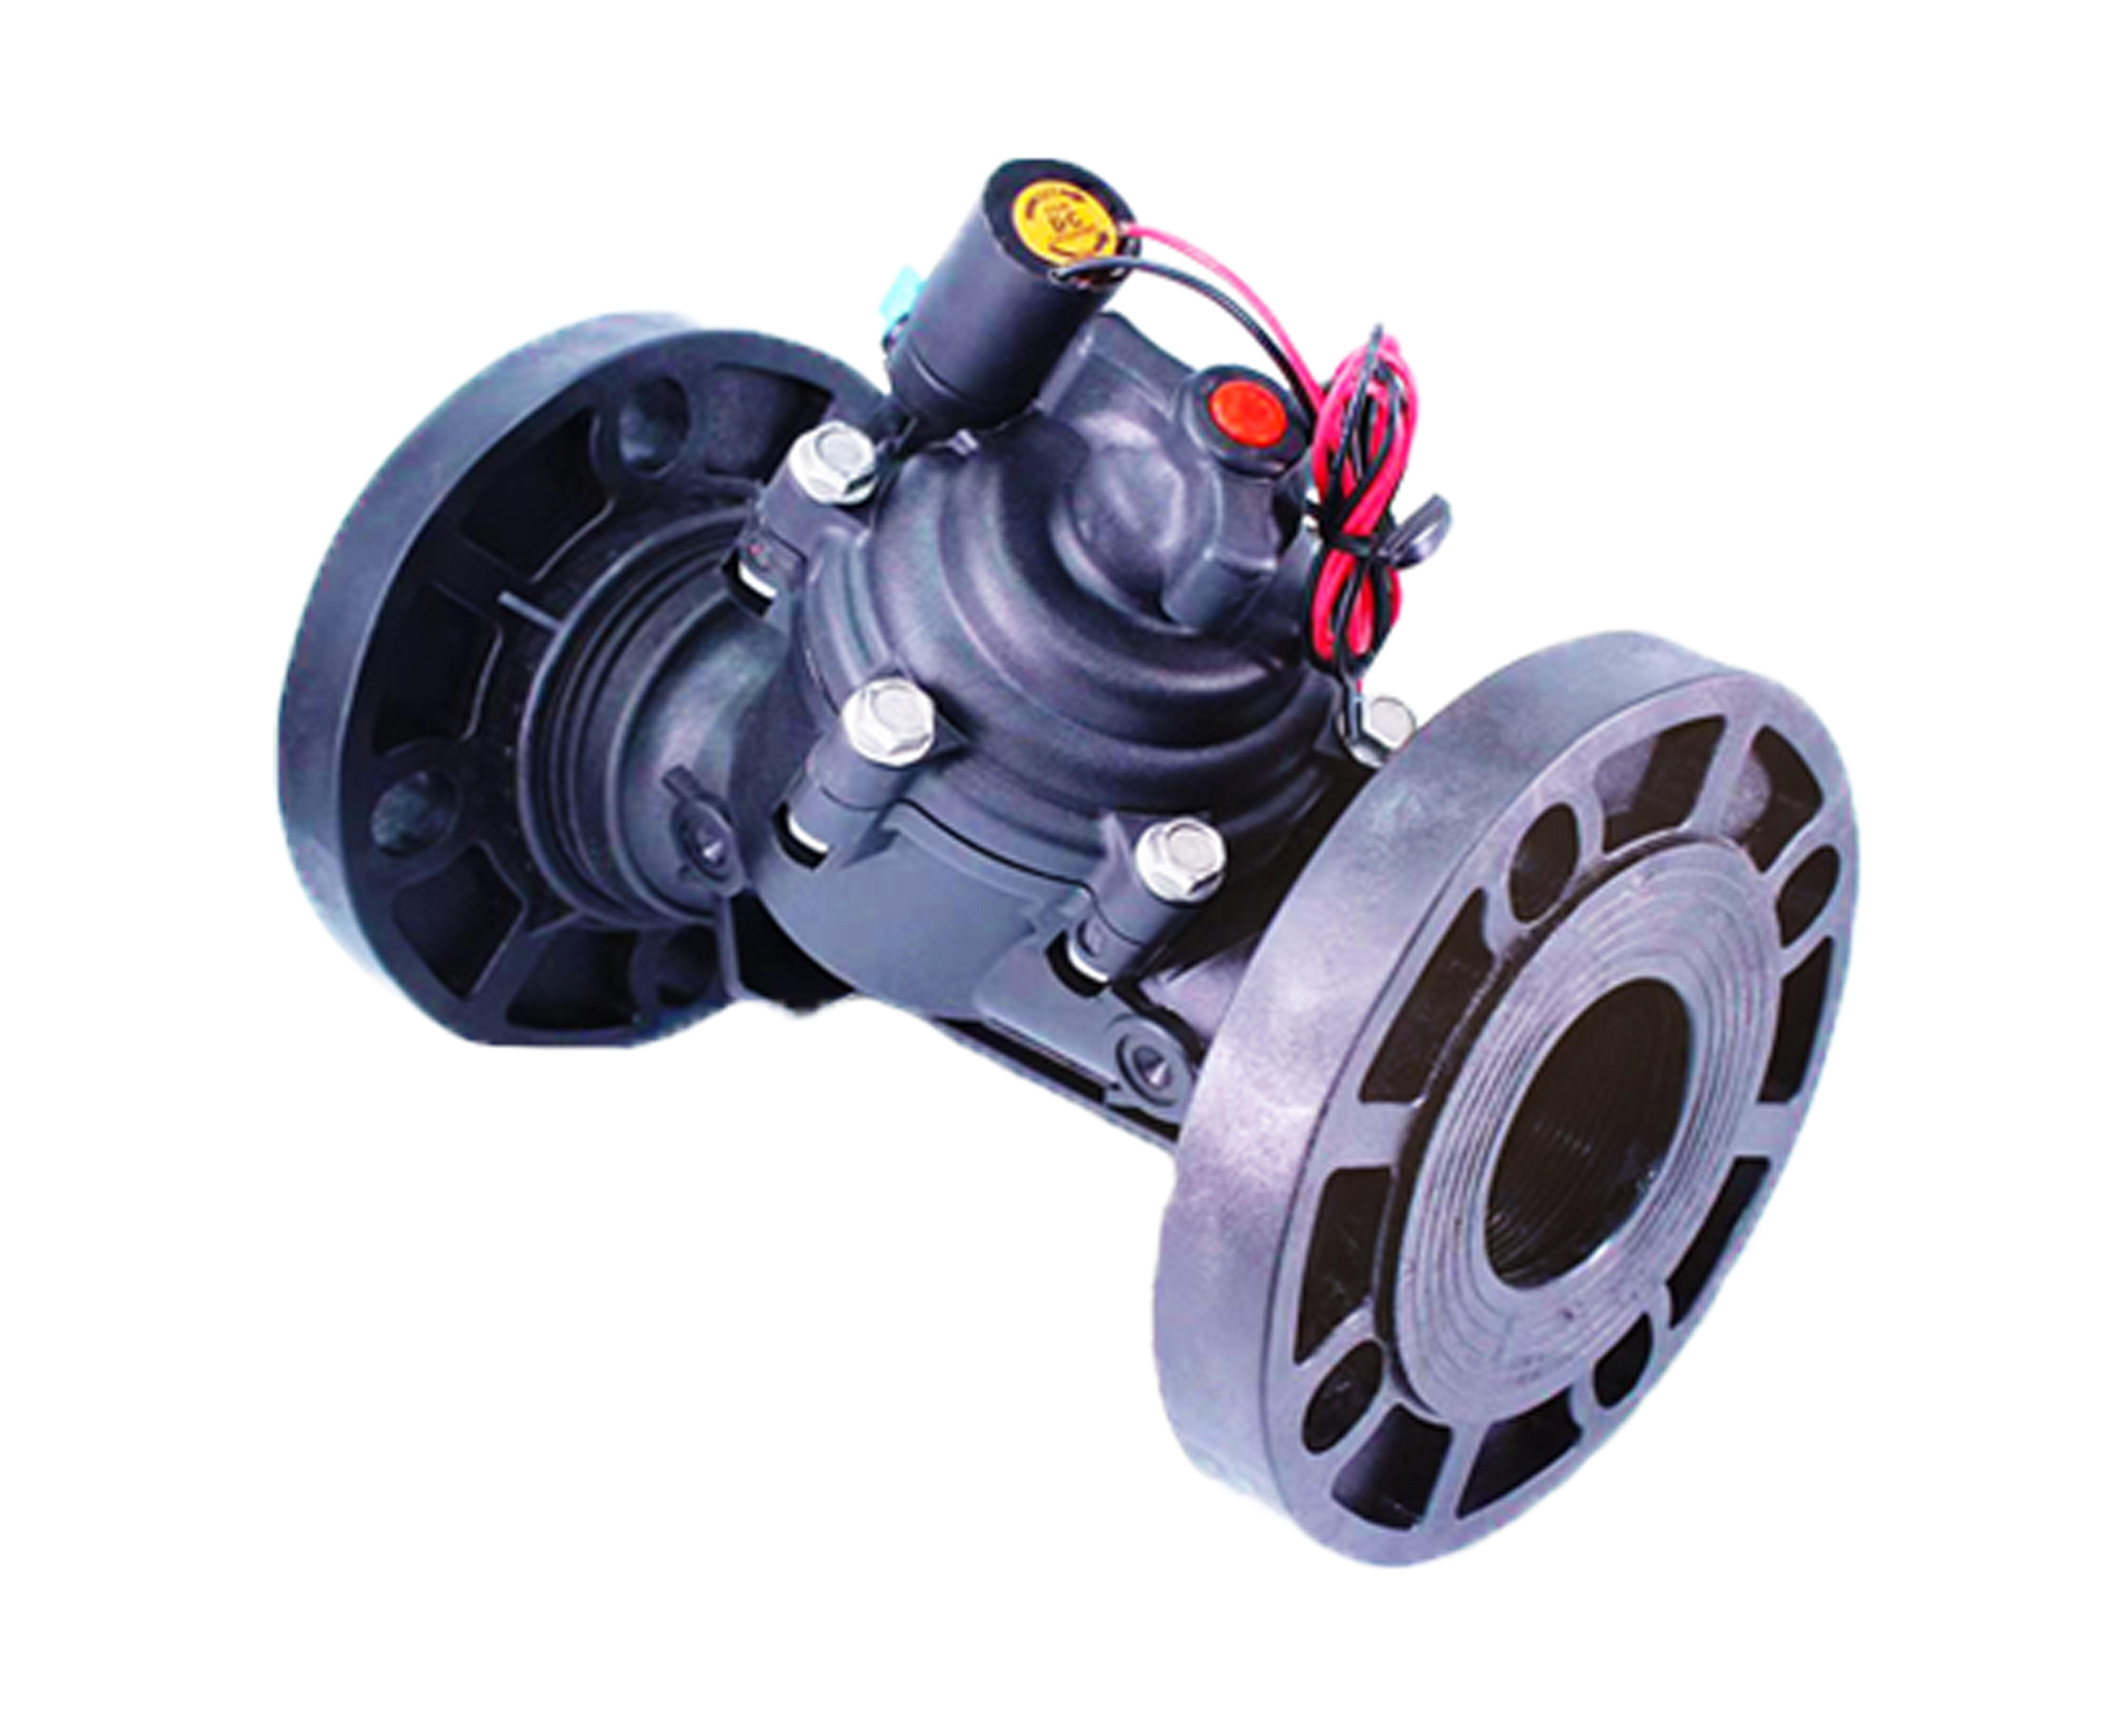 全通径高流量Y型自动灌溉控制阀 伯尔梅特款电磁阀 大流量灌溉阀